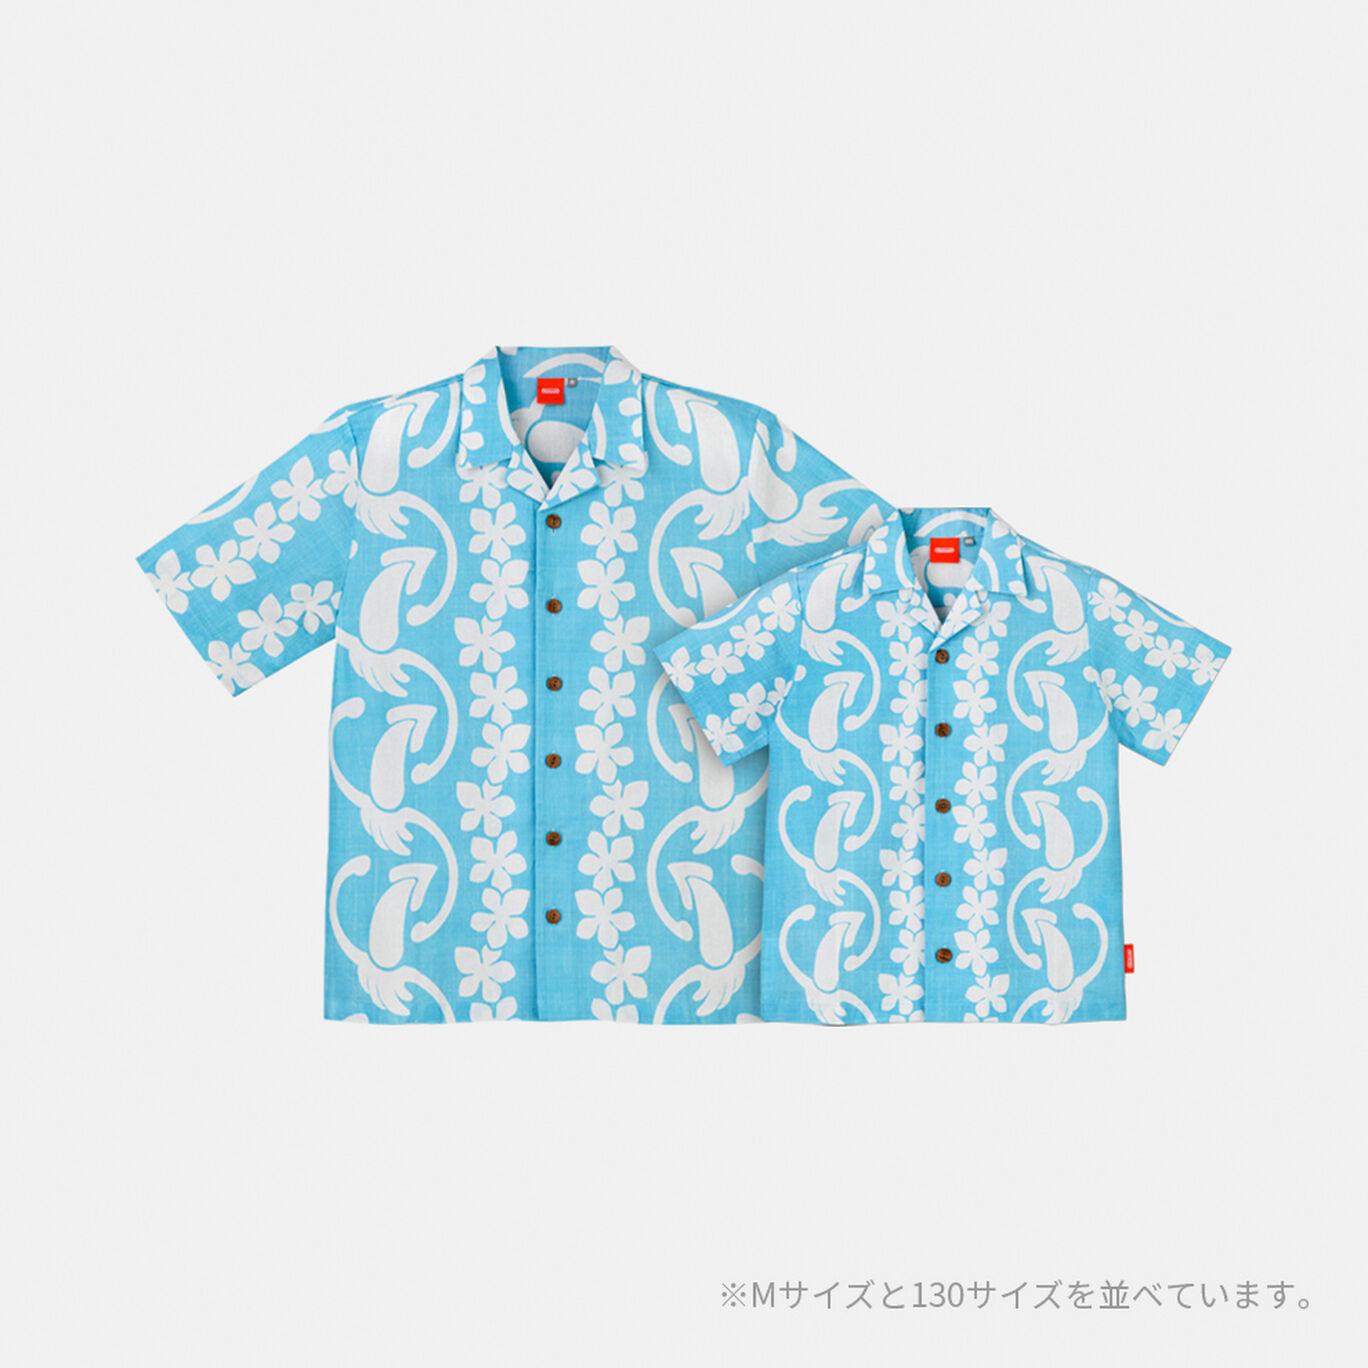 おどるイカアロハL Splatoon【Nintendo TOKYO取り扱い商品】